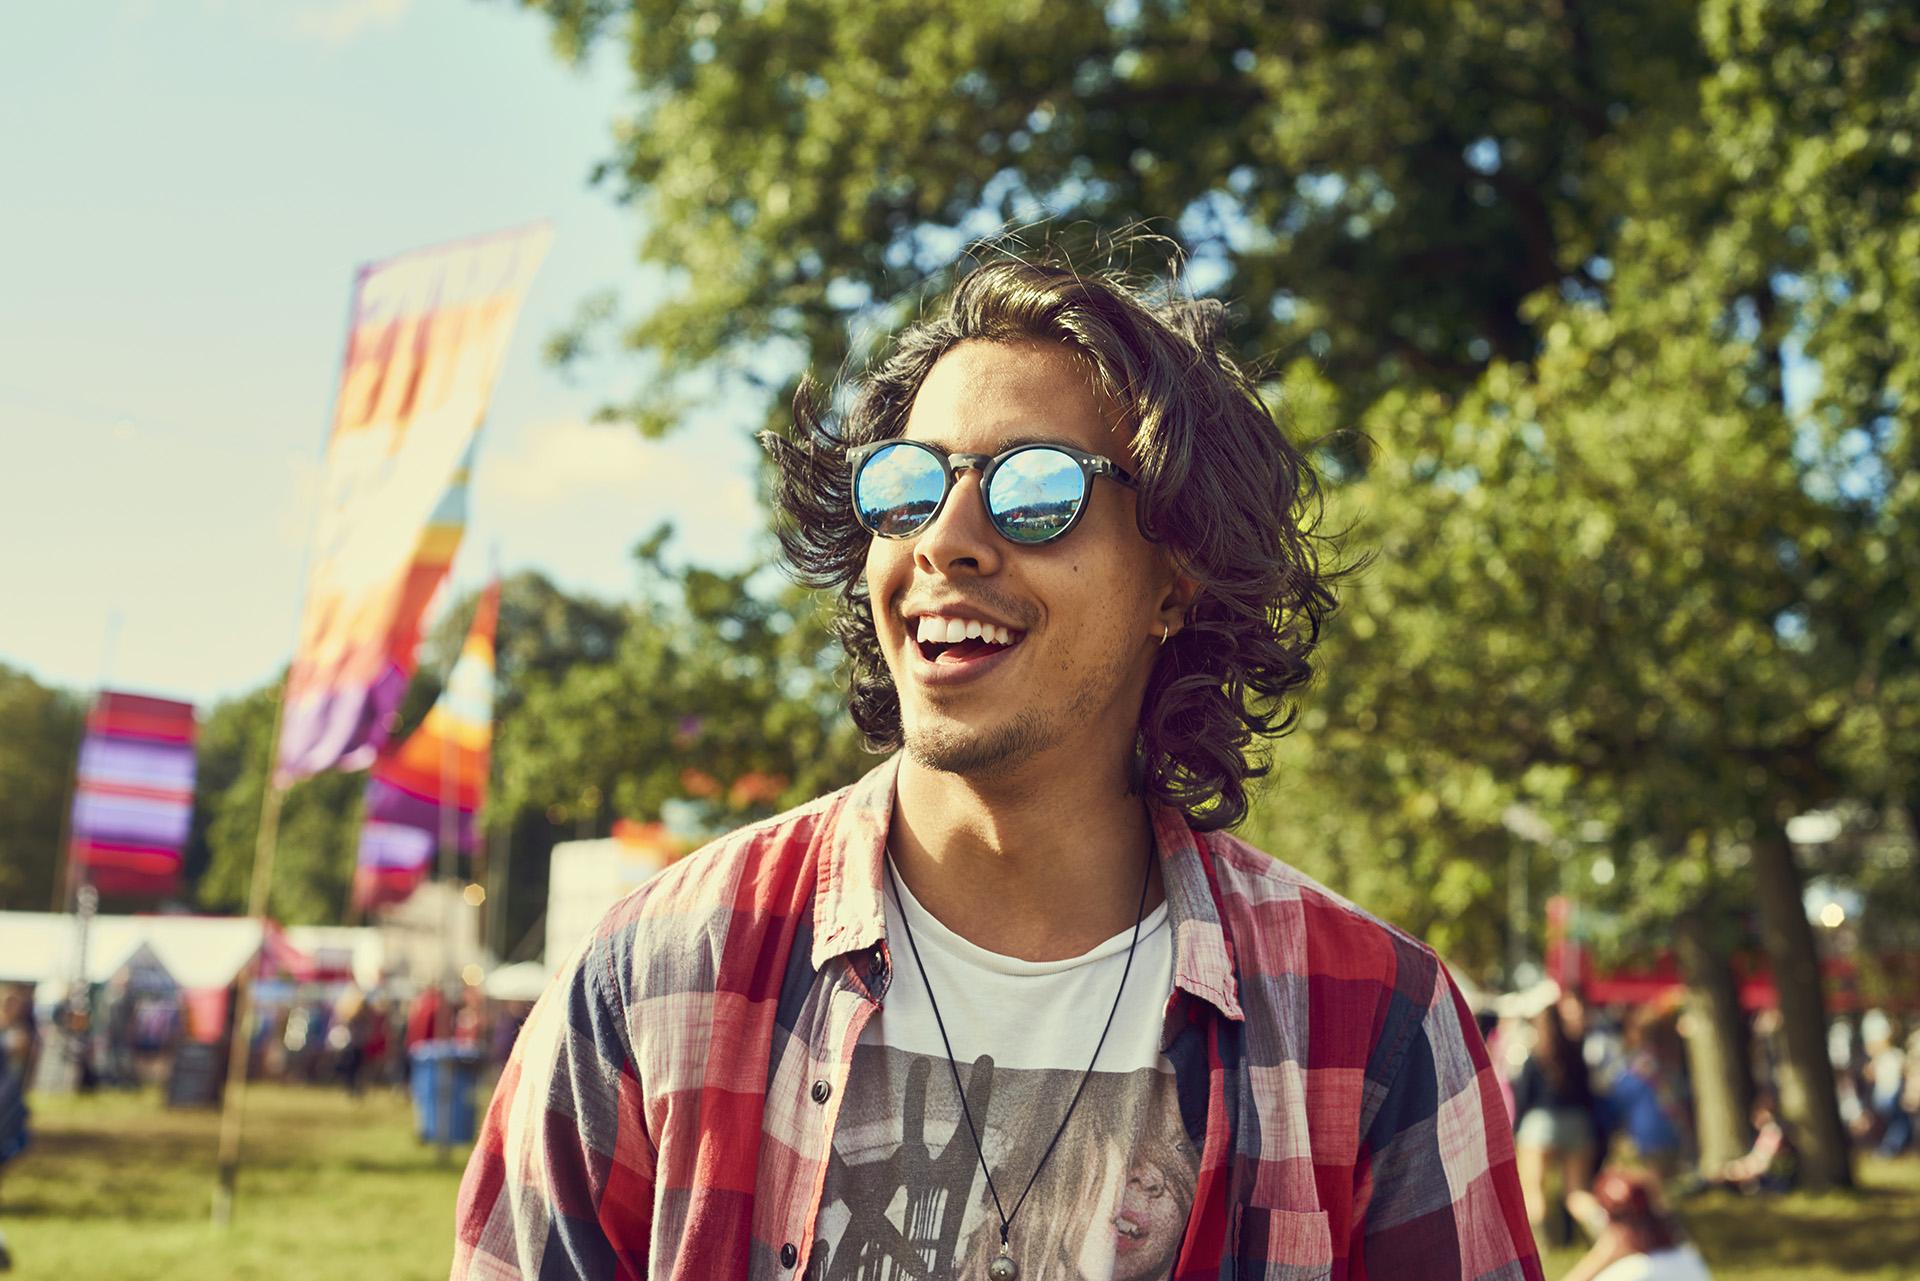 Mann bei einem Festival